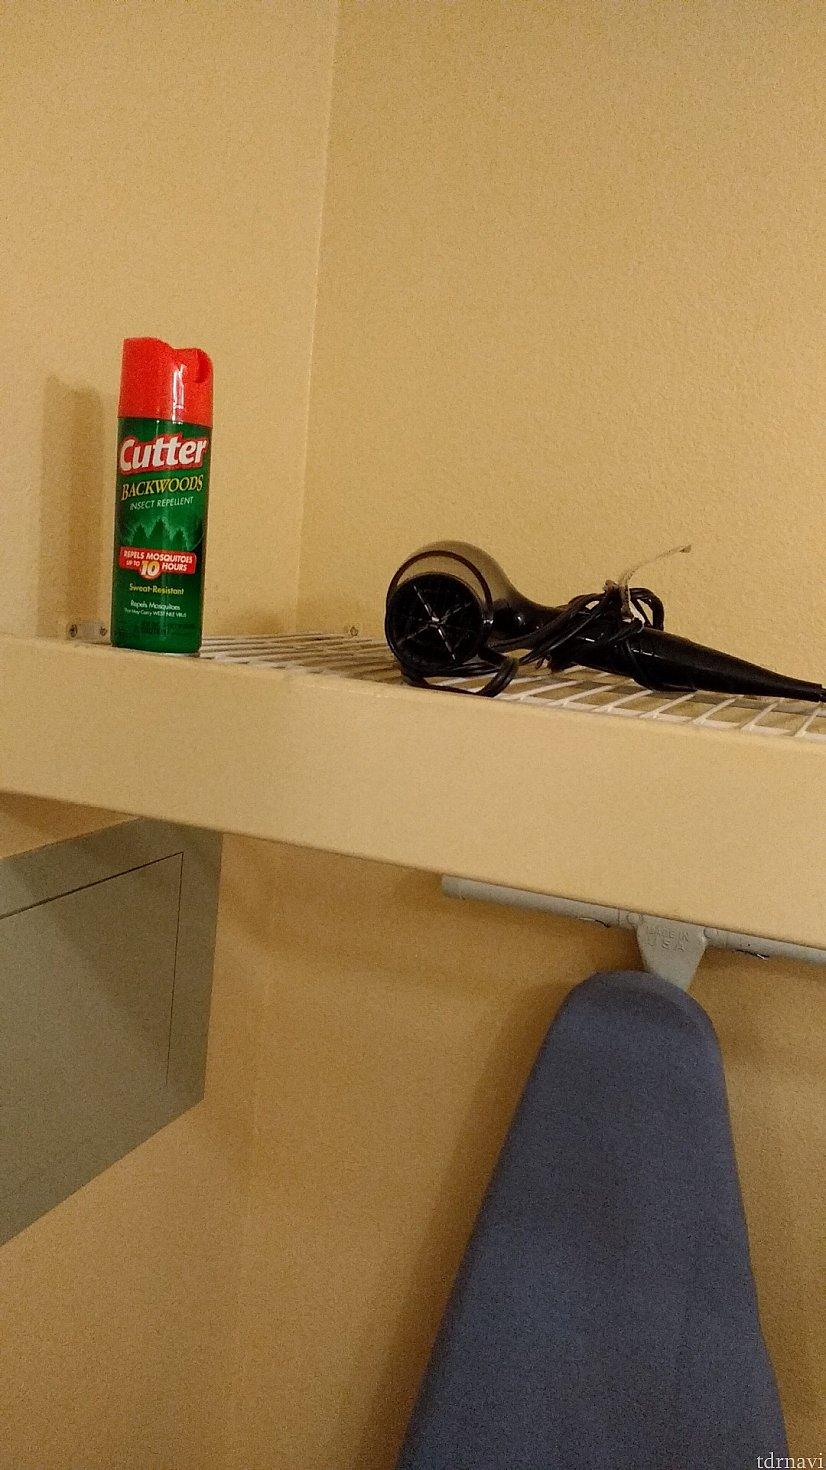 上の棚にドライヤーと虫除けスプレーかな?があります。